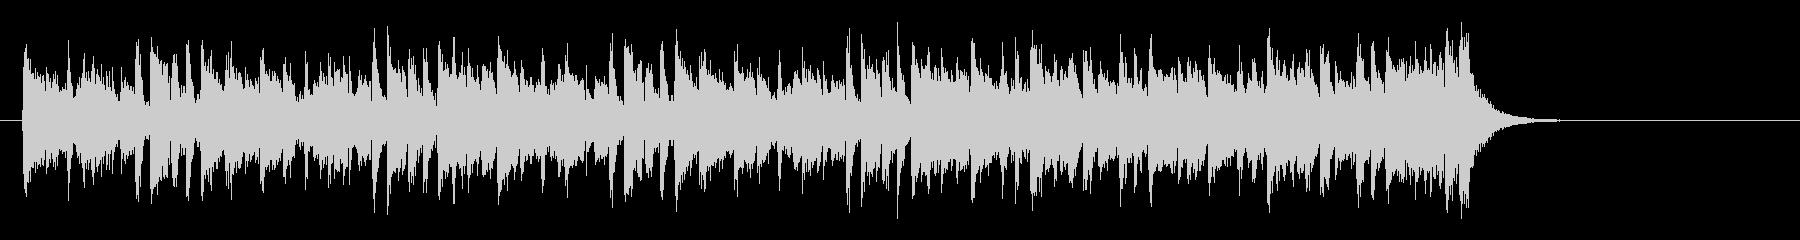 夜のピアノフュージョン(サビ)の未再生の波形